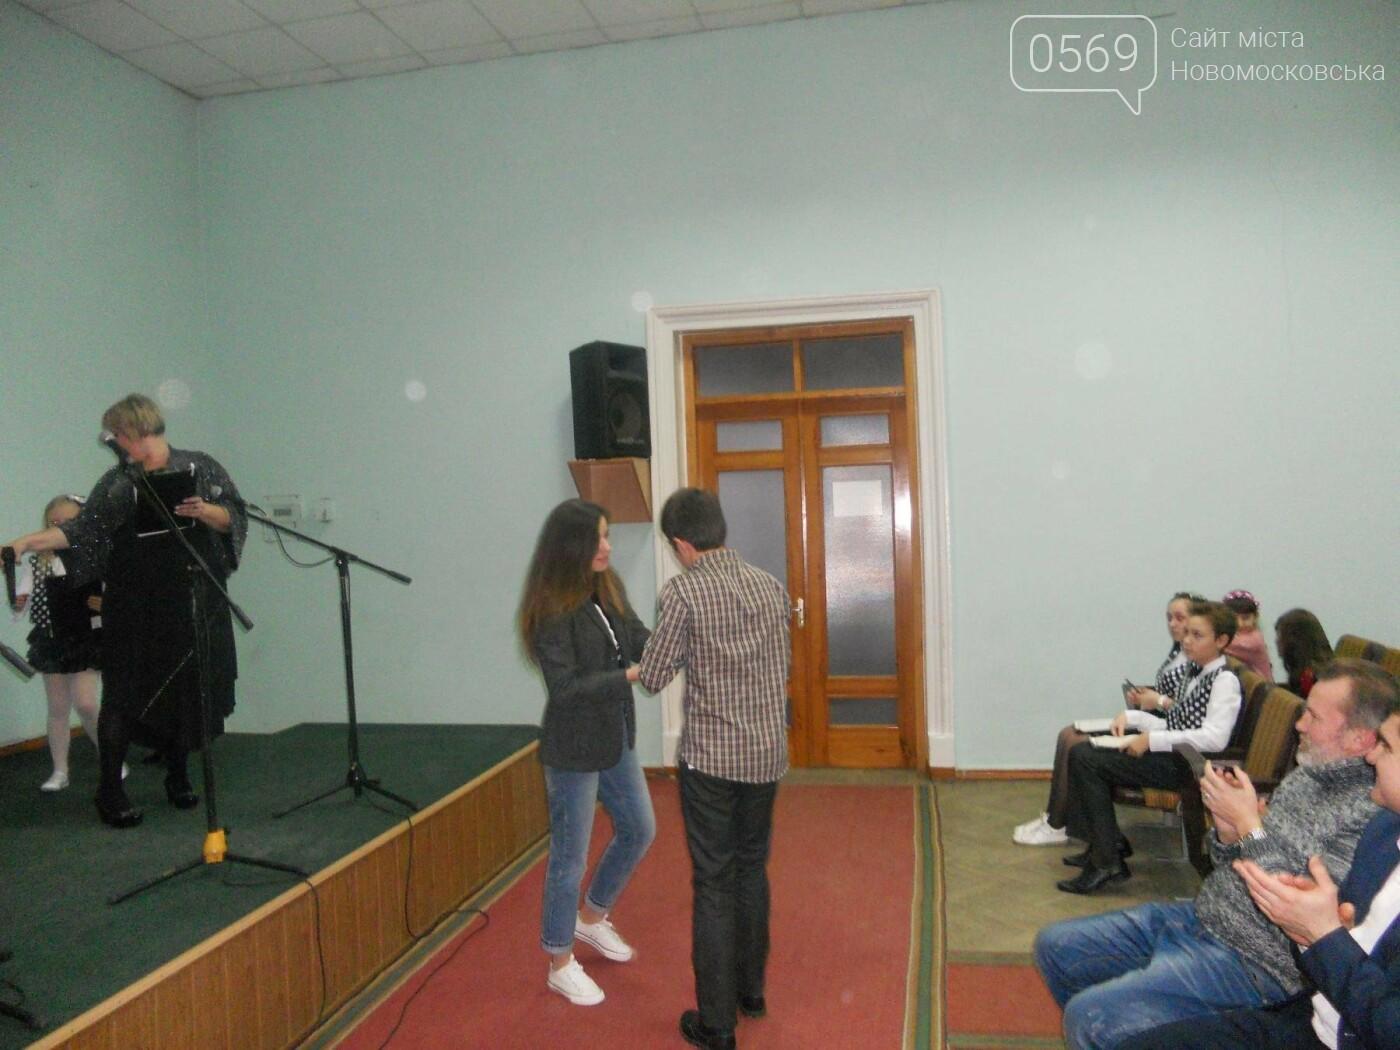 В Новомосковську назвали імена переможців  фестивалю «Діамантова нотка», фото-4